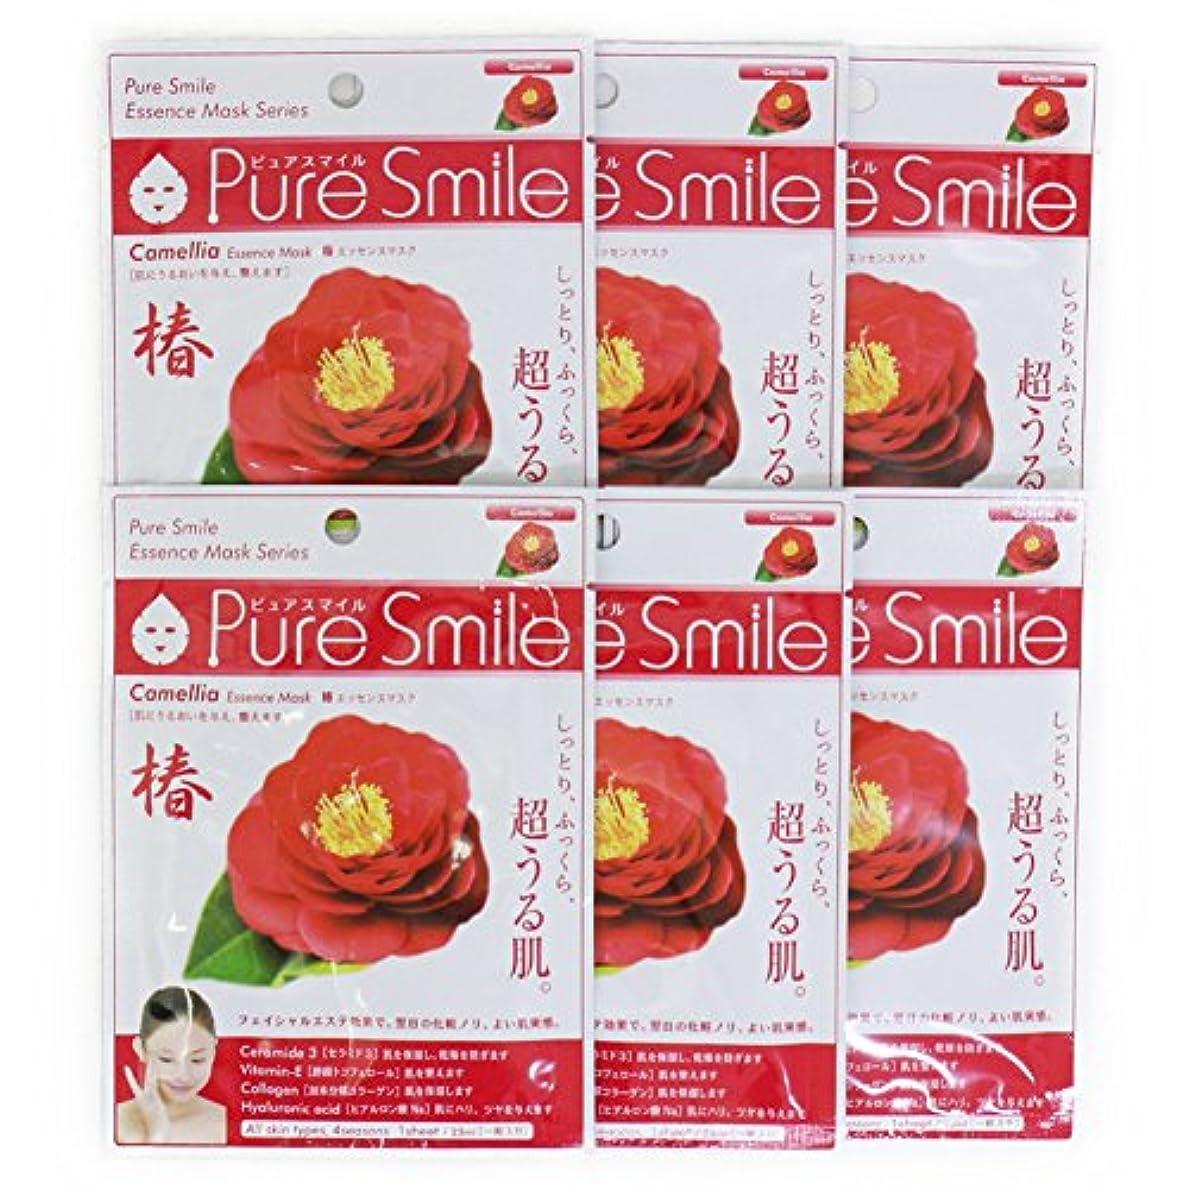 承認達成する高さPure Smile ピュアスマイル エッセンスマスク 椿 6枚セット